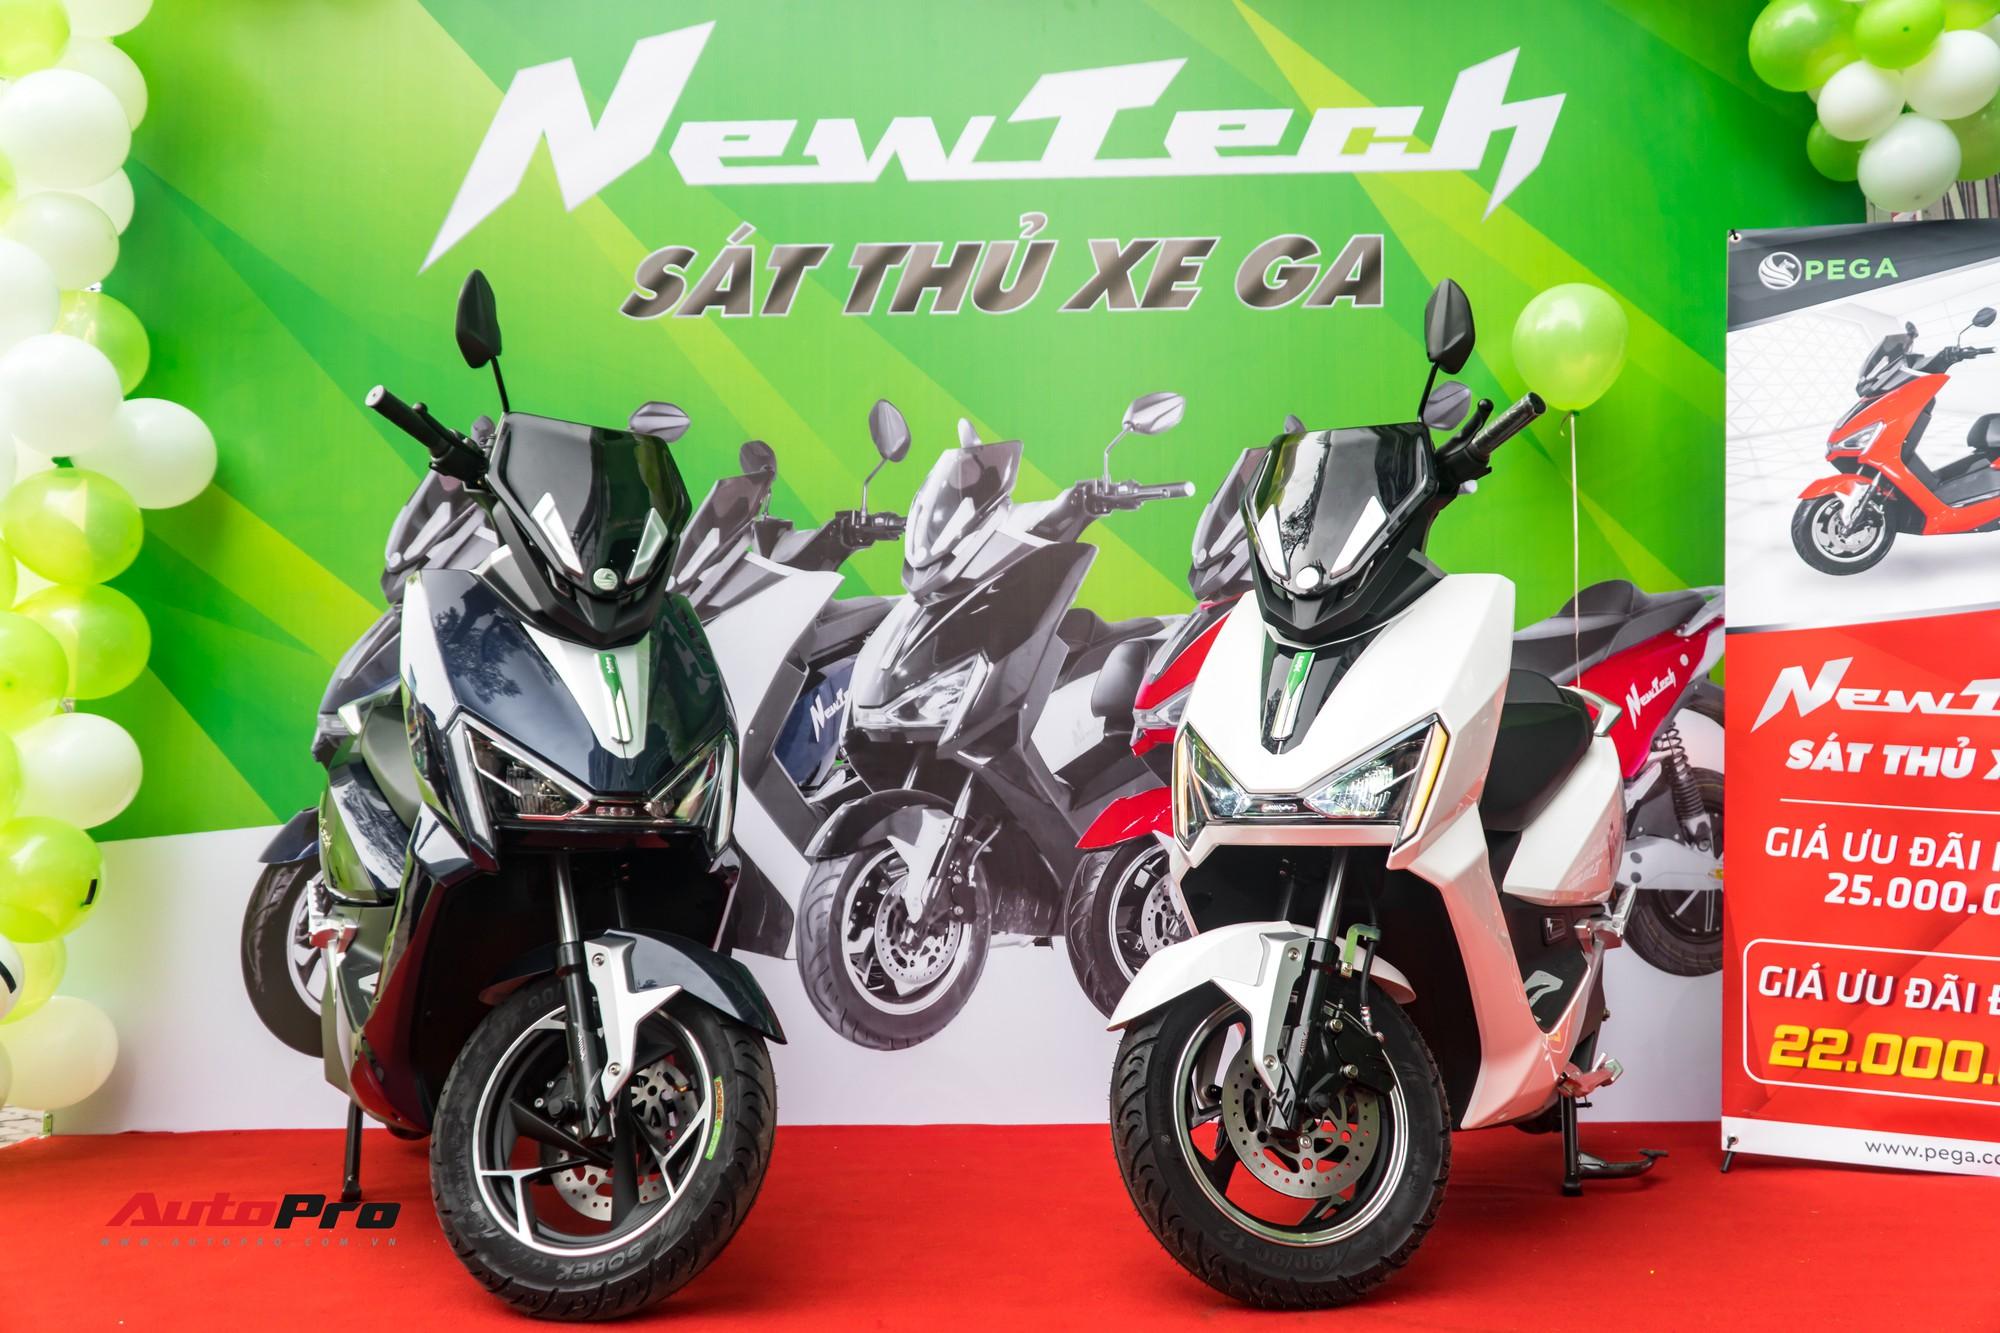 Nghe thử loa ngoài xe máy điện Pega Newtech mới ra mắt